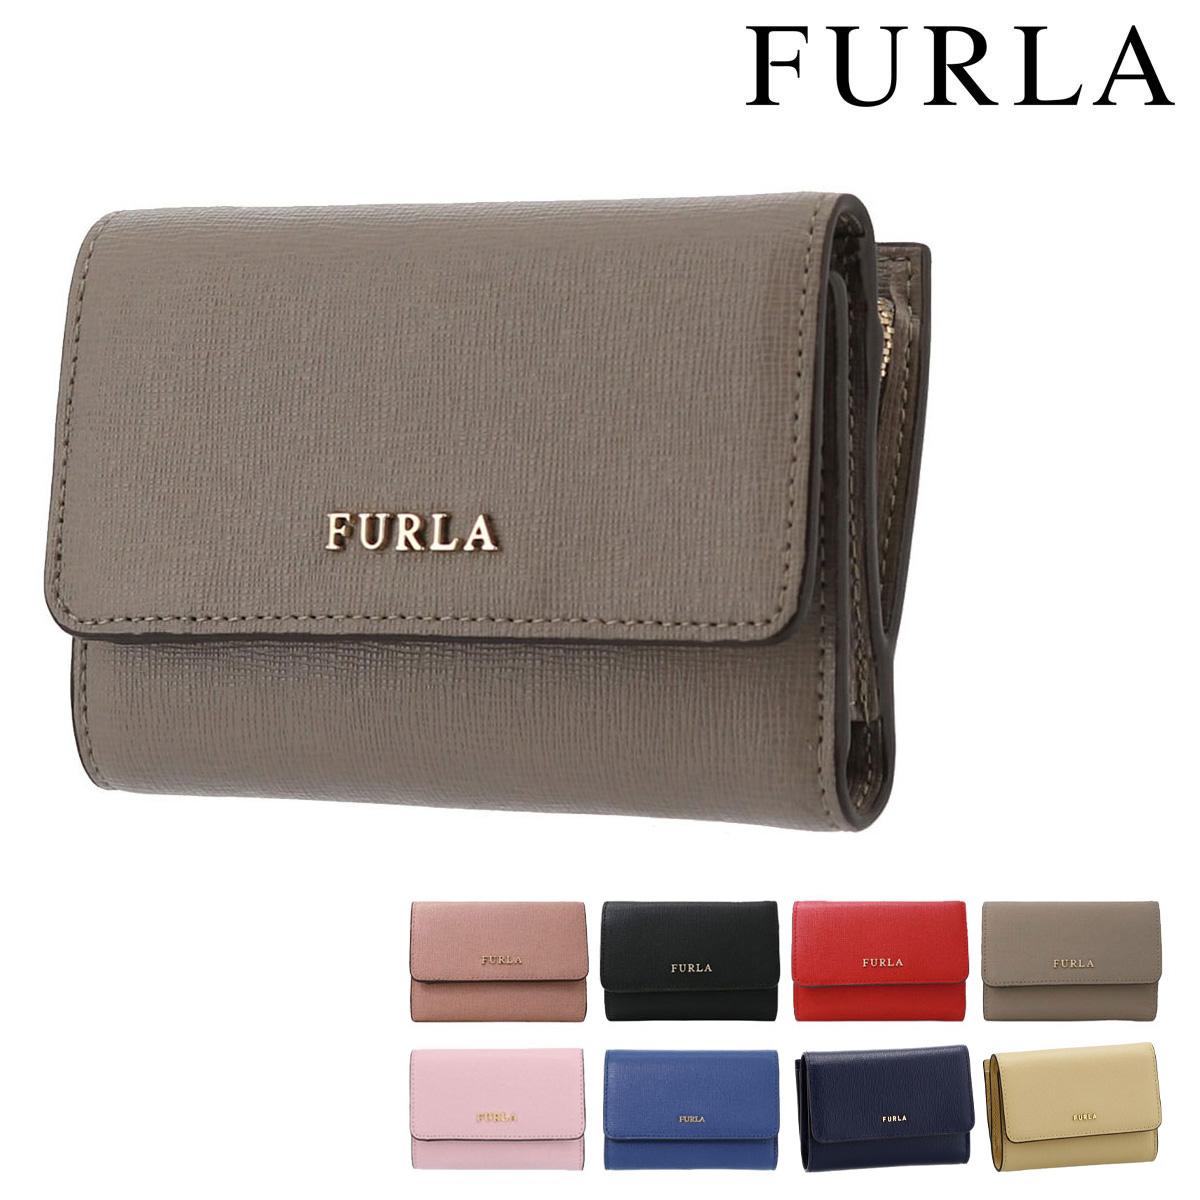 フルラ ミニ財布 三つ折り財布 バビロン レディース PR76 FURLA | 本革 レザー ブランド専用BOX付き